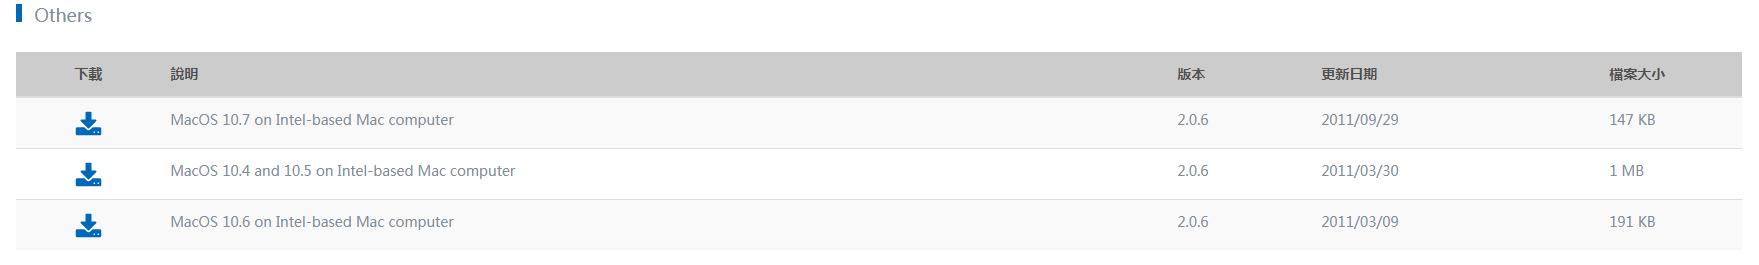 【小白向】Win10下折腾安装黑苹果MacOS High Sierra(10.13.6)